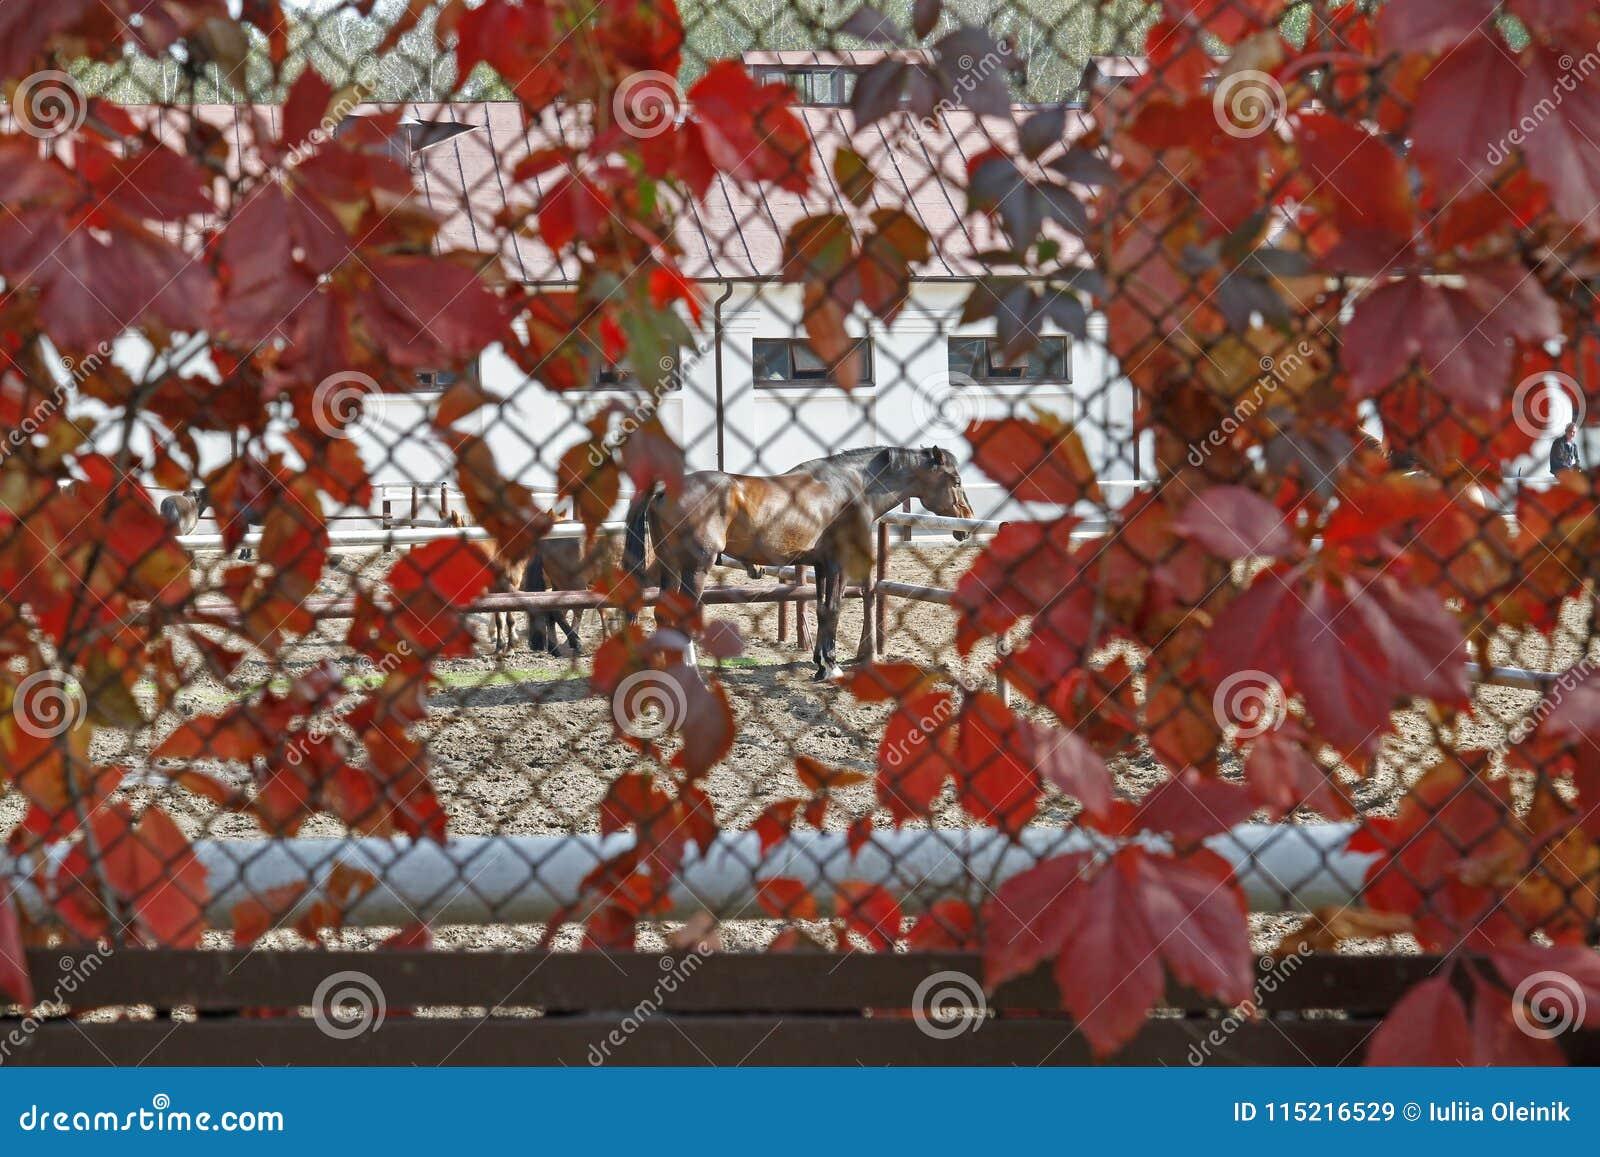 Konie stoją blisko ogrodzeń w arenie